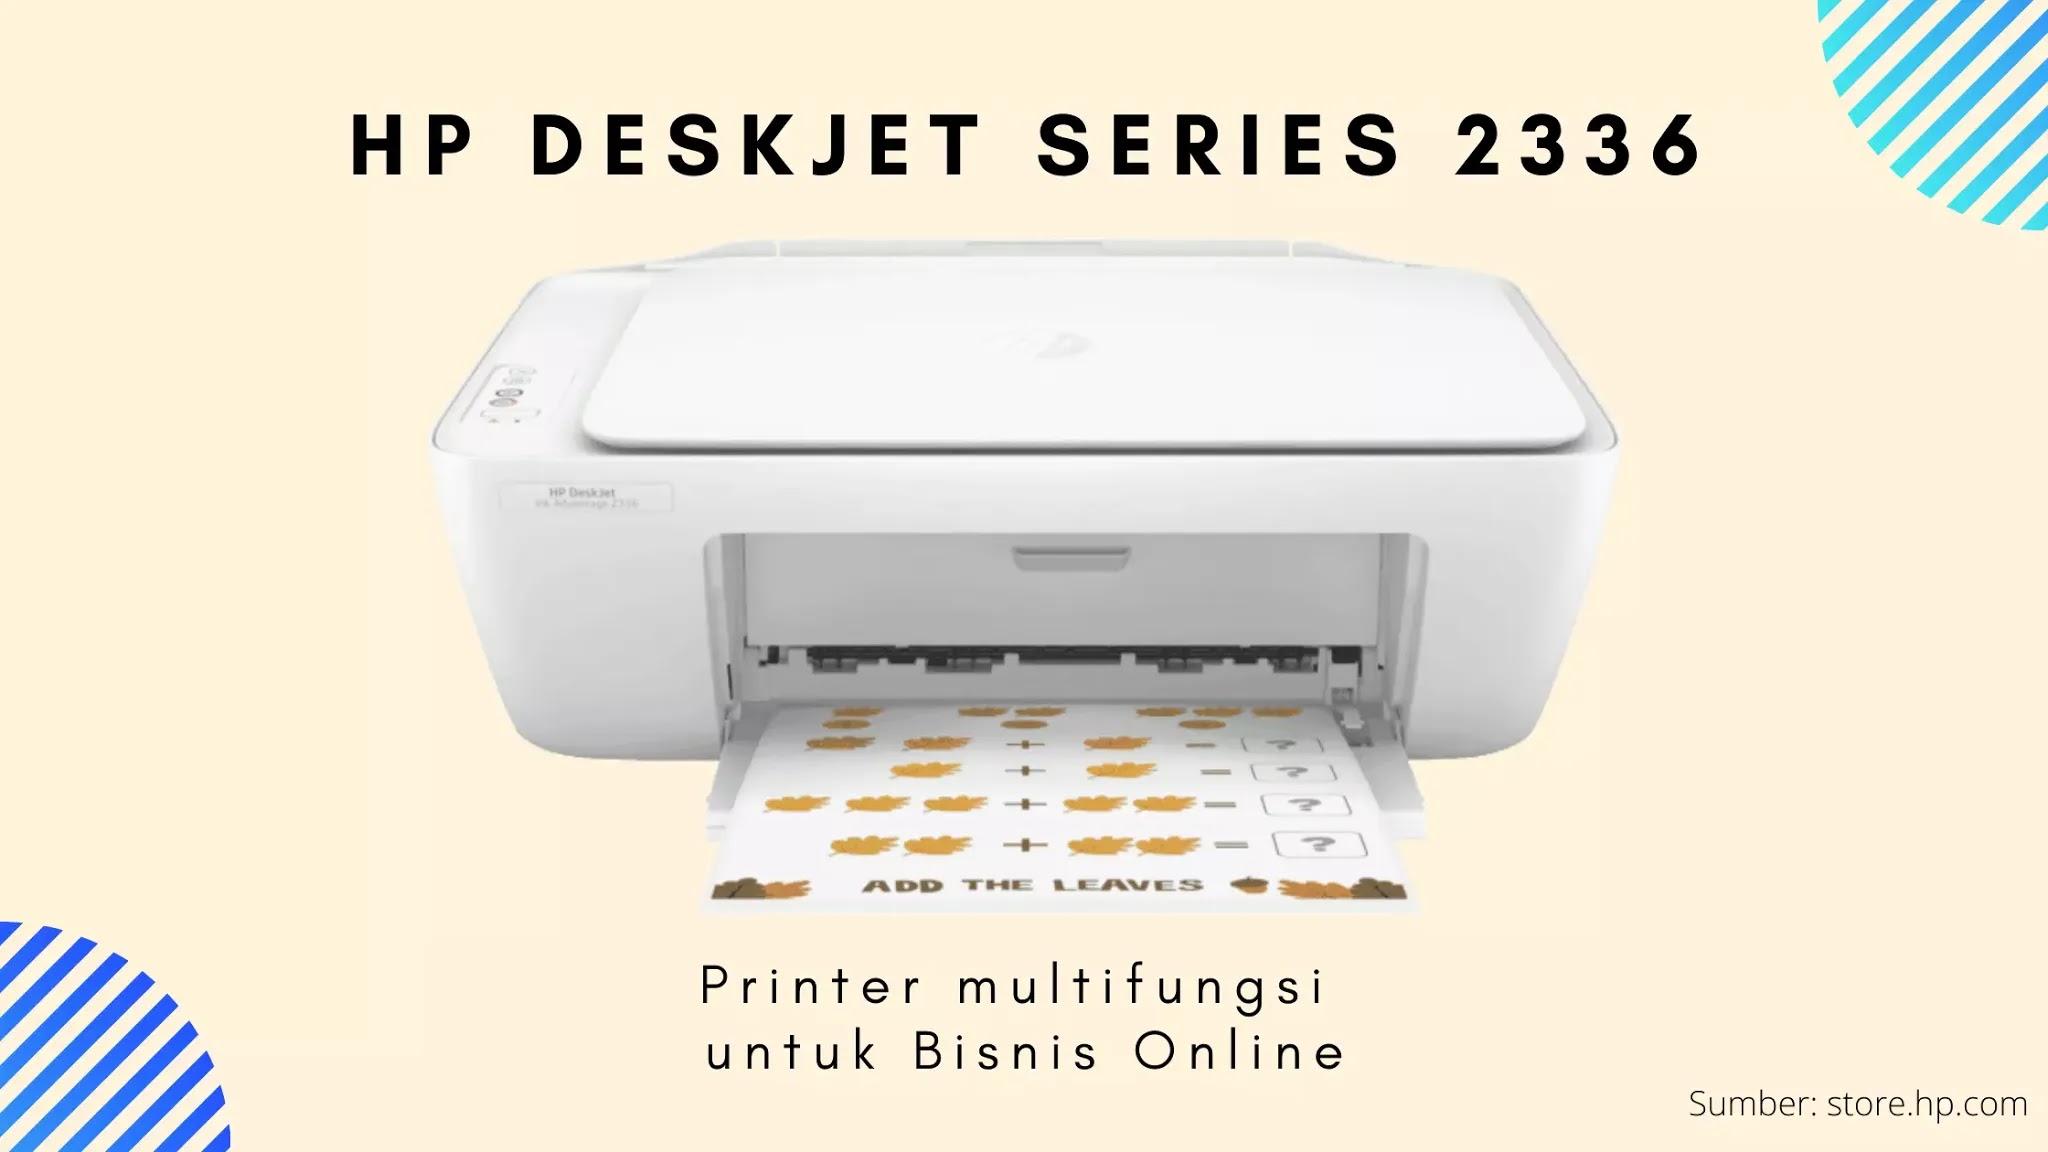 printer multifungsi untuk bisnis online